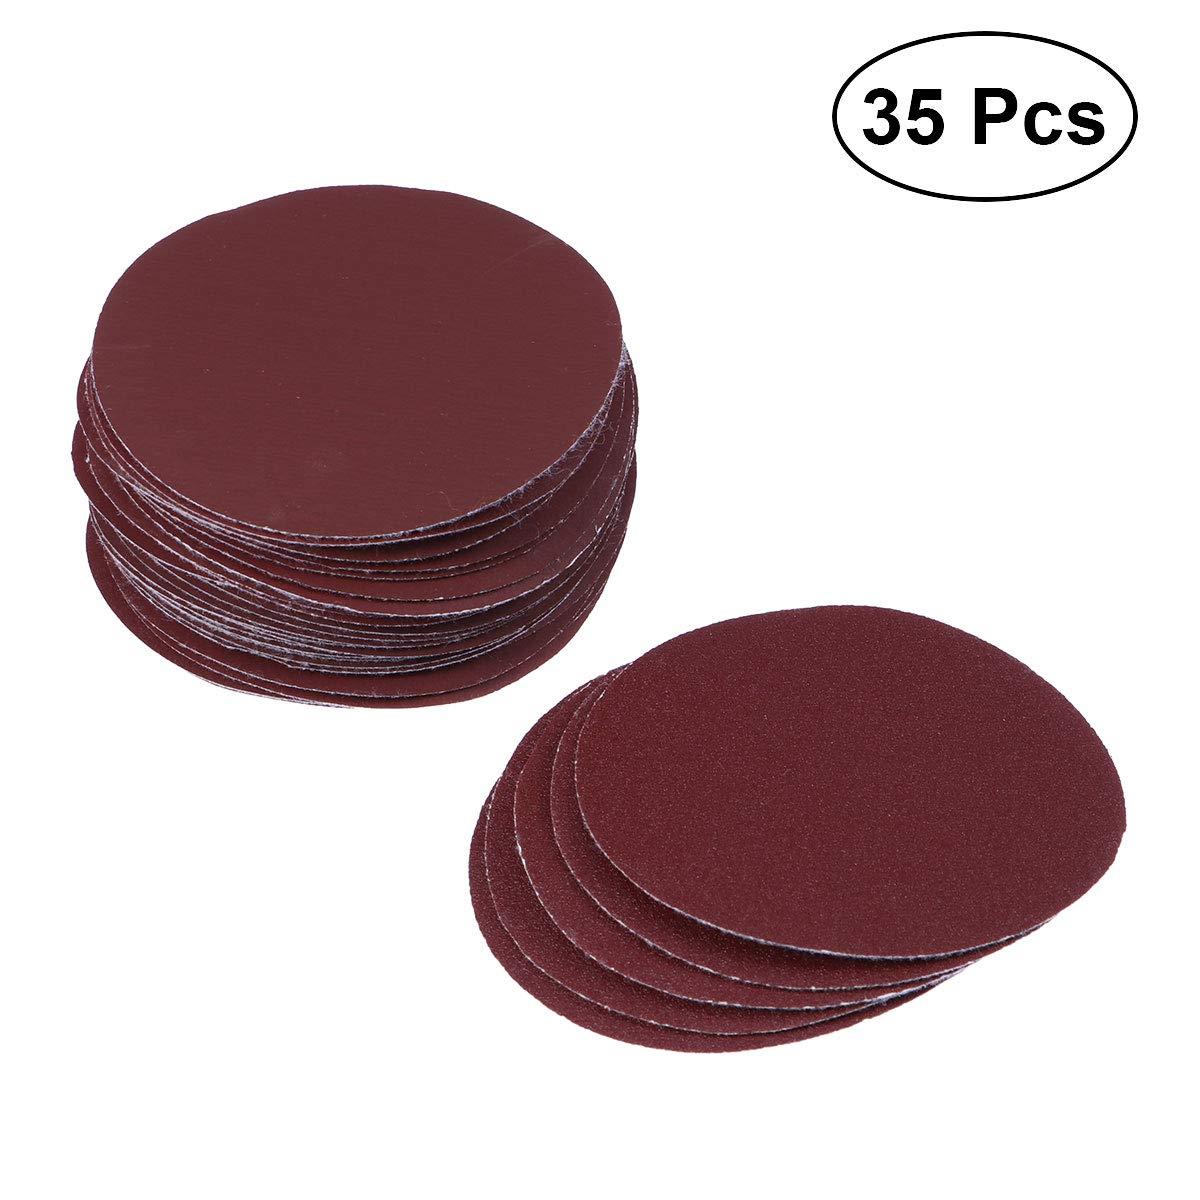 OUNONA 35 in 1 gemischte Grits Runde selbstklebende Schleifblä tter Schleifpapier Pads (dunkelrot)